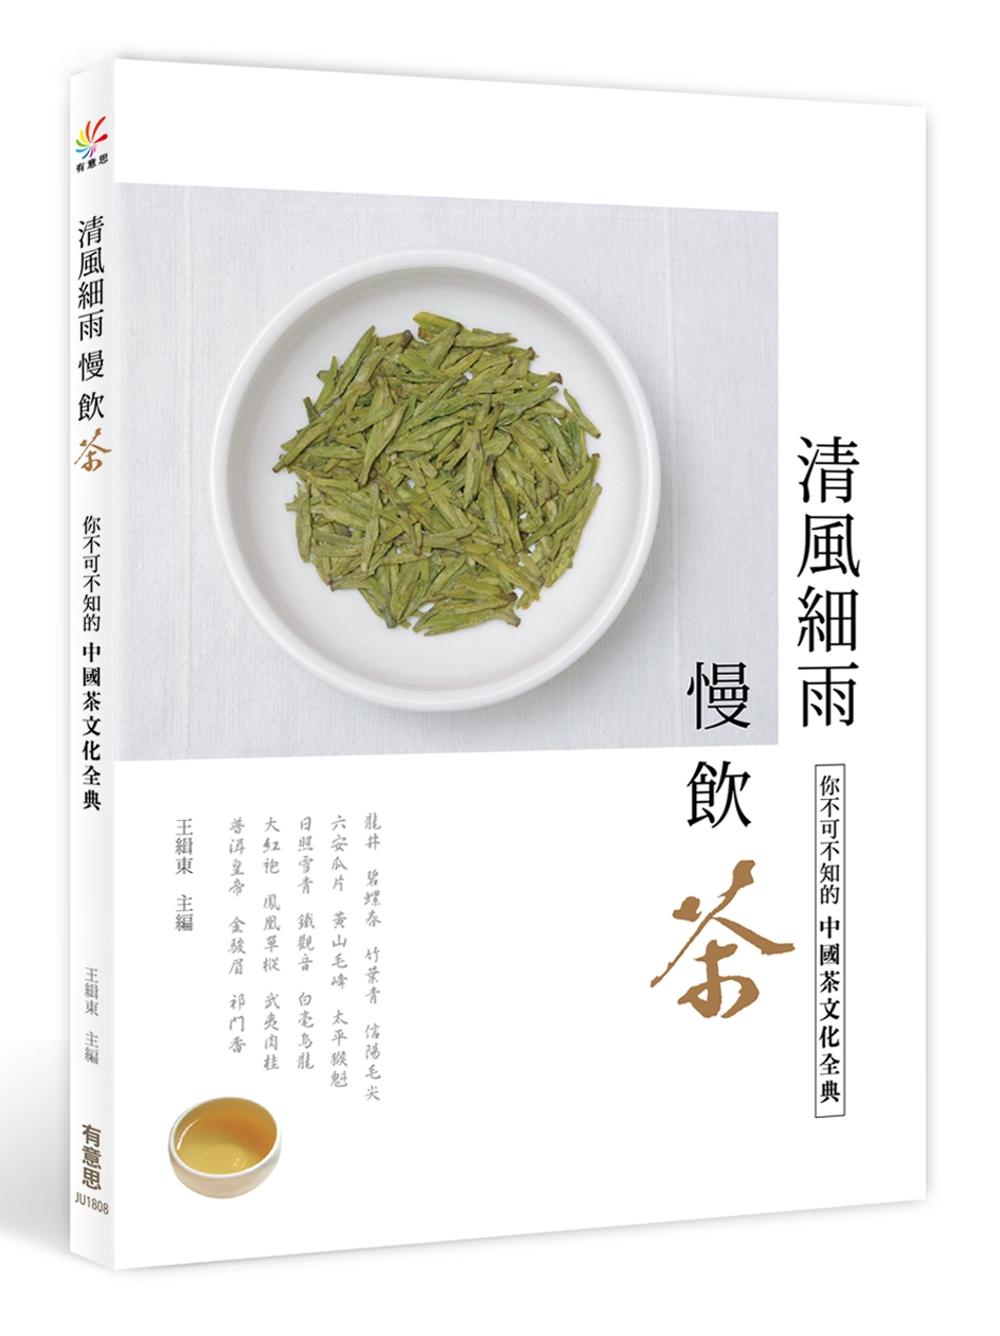 清風細雨慢飲茶:你不可不知的中國茶文化全典